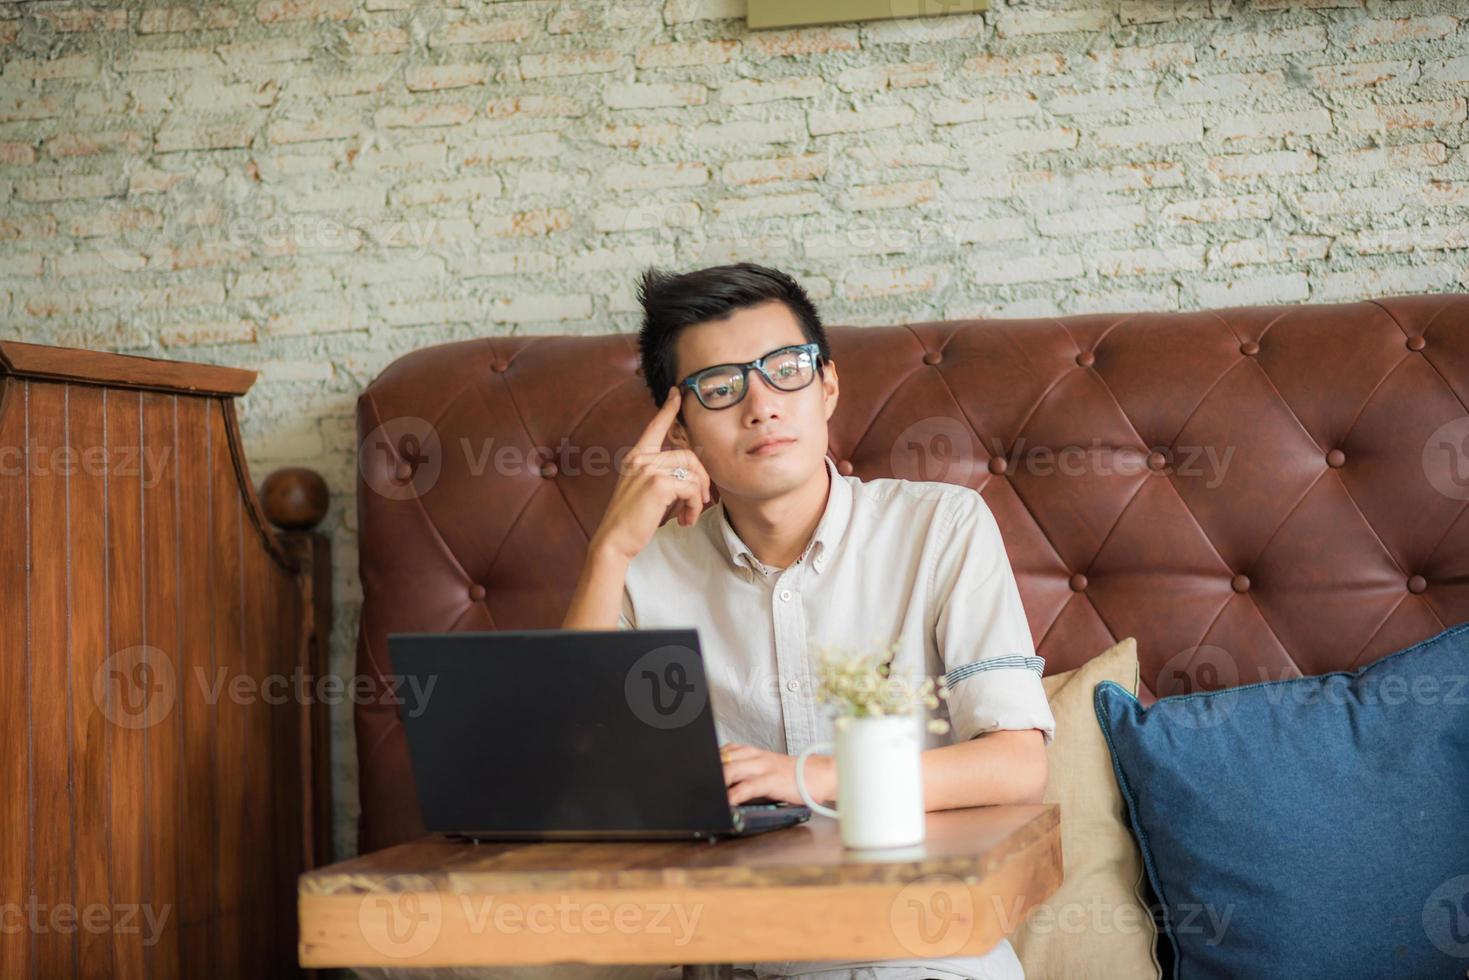 zakenman met laptopcomputer foto